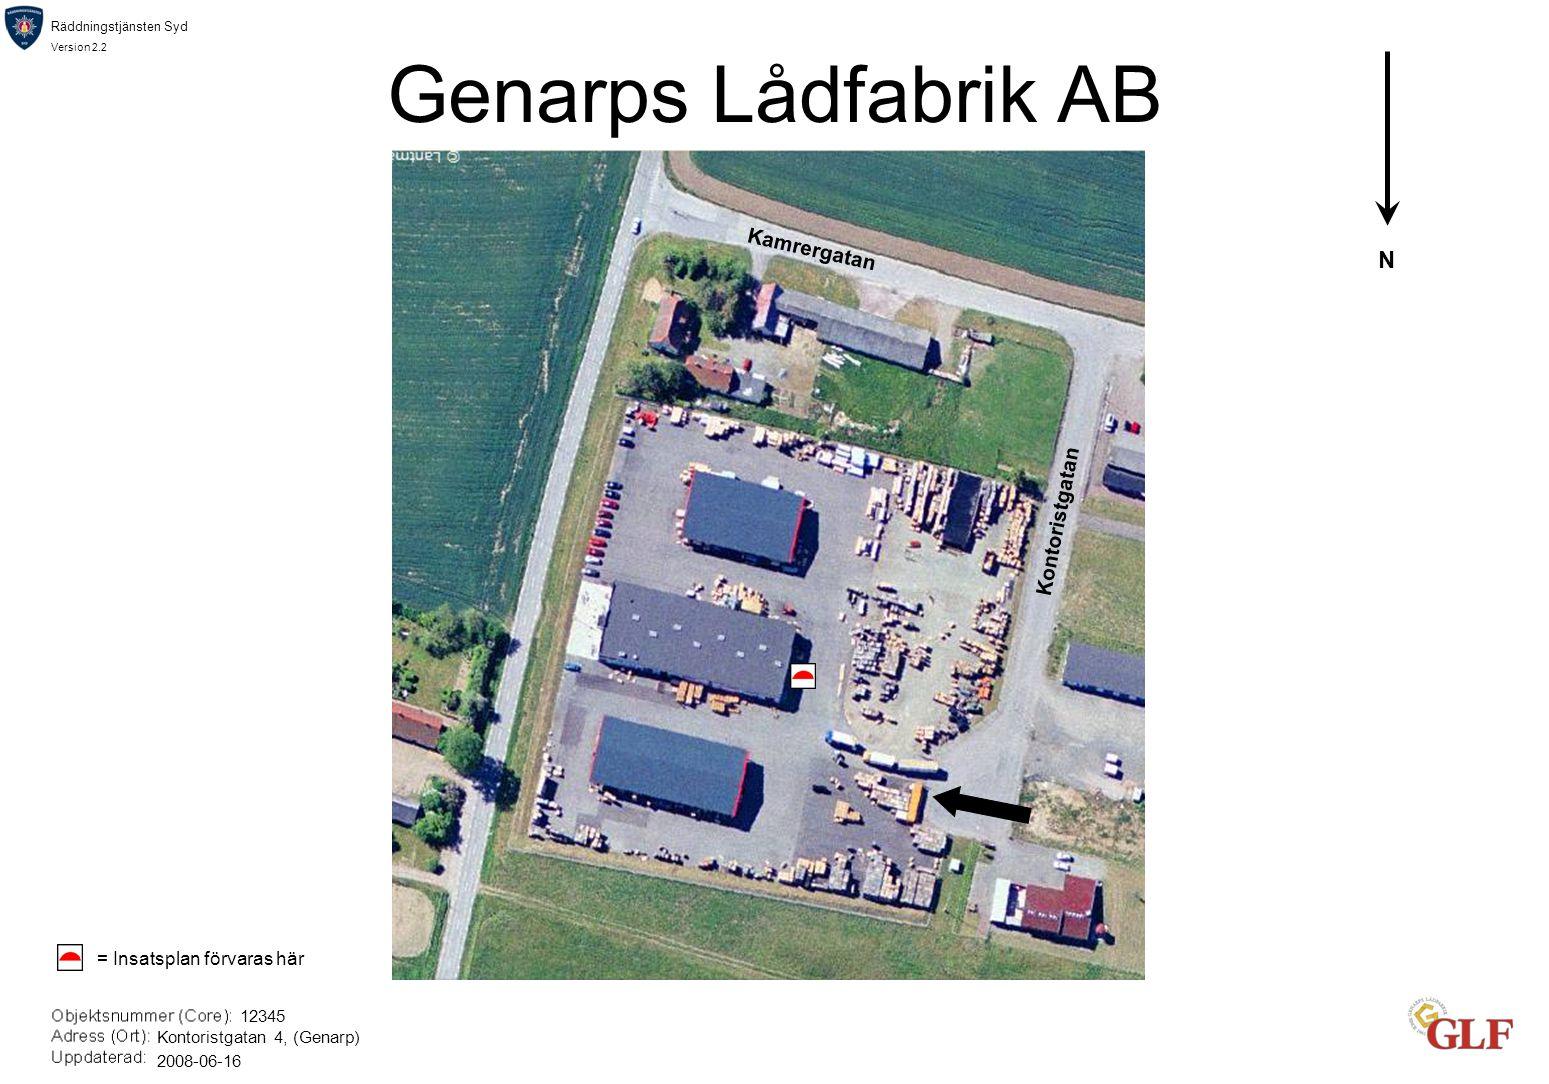 Räddningstjänsten Syd Version 2.2 Genarps Lådfabrik AB N 12345 Kontoristgatan 4, (Genarp) 2008-06-16 Kamrergatan Kontoristgatan = Insatsplan förvaras här